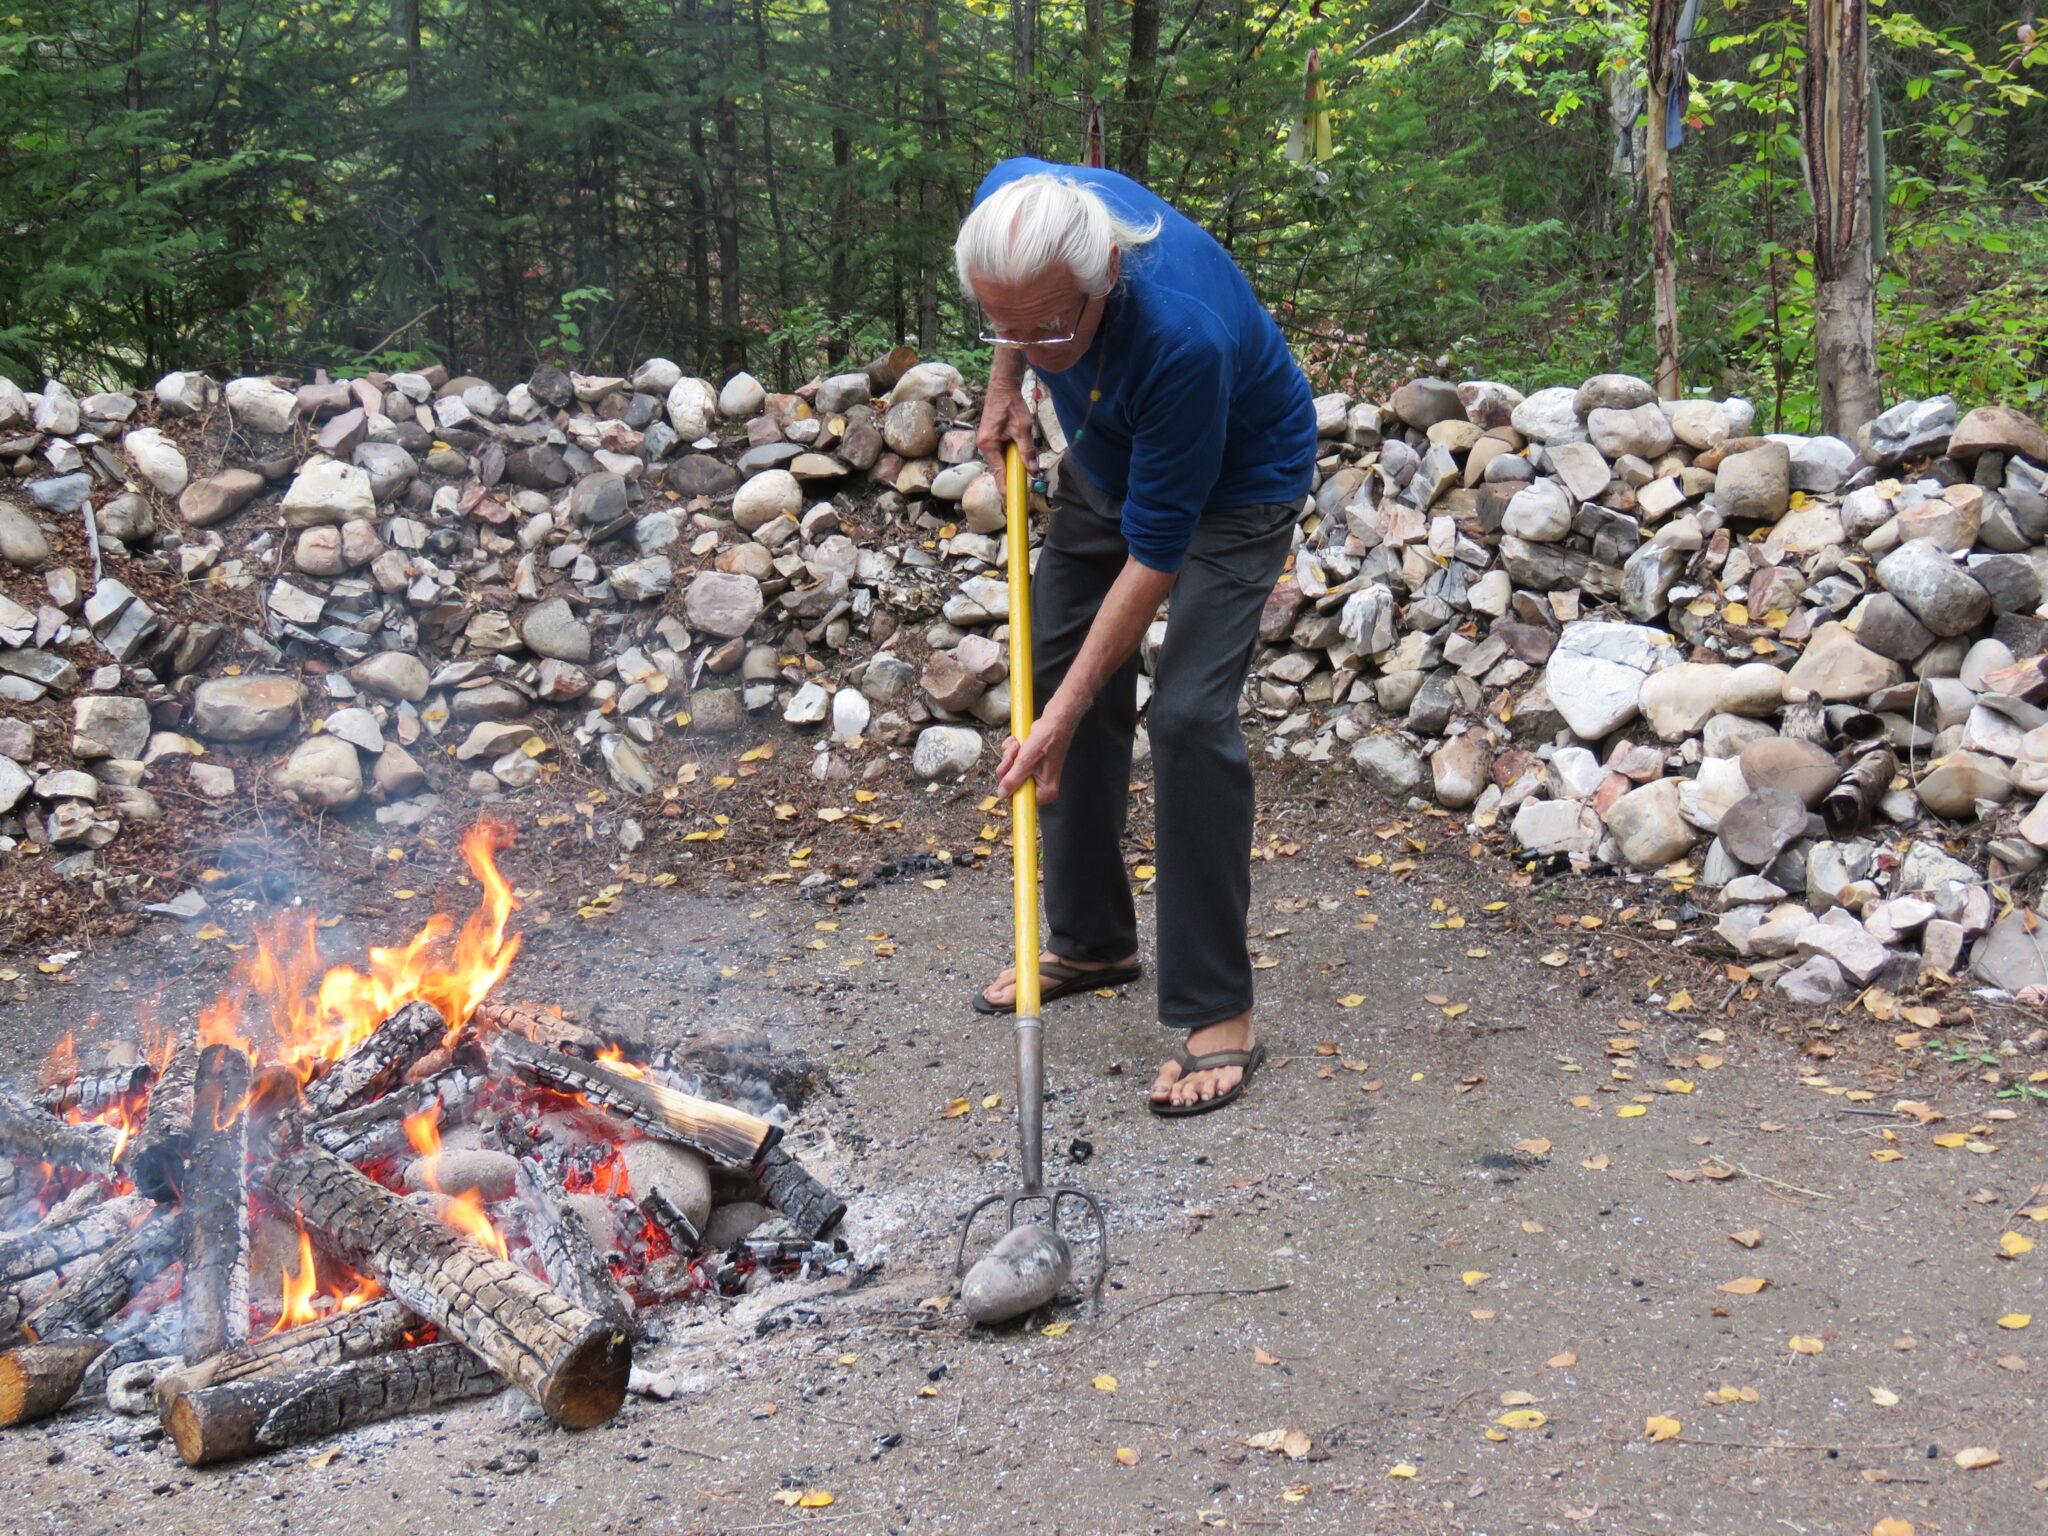 Feuer Schwitzhütte - Sequoyah holt die glühend heissen Steine aus dem FEuer und bringt diese in die Schwitzhütt